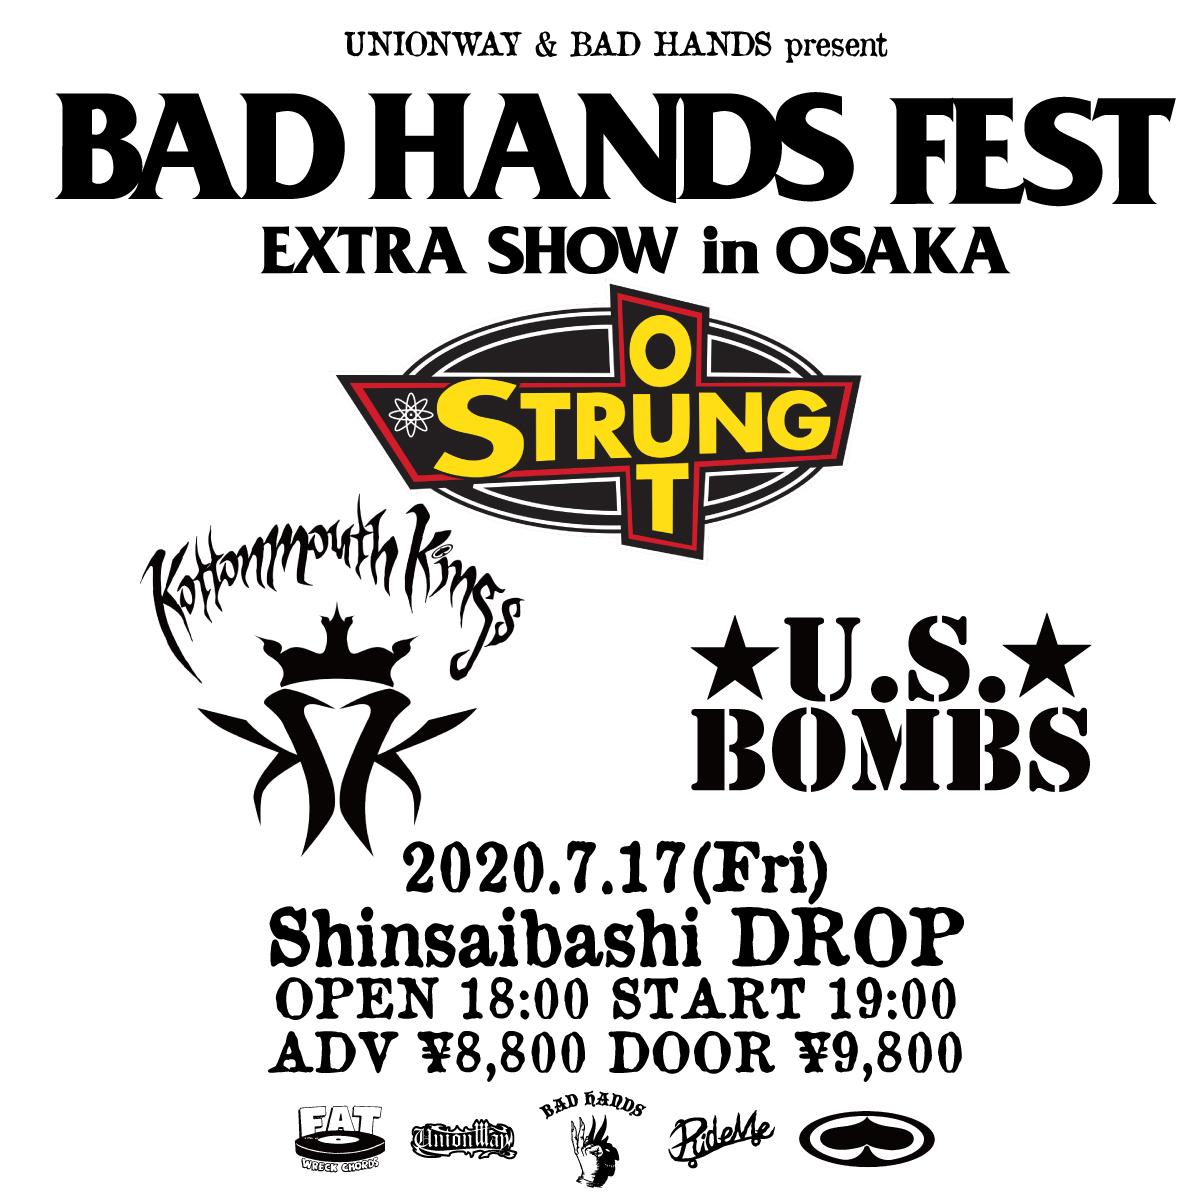 【キャンセル】UNIONWAY & BAD HANDS presents BAD HANDS FEST EXTRA SHOW in OSAKAの写真